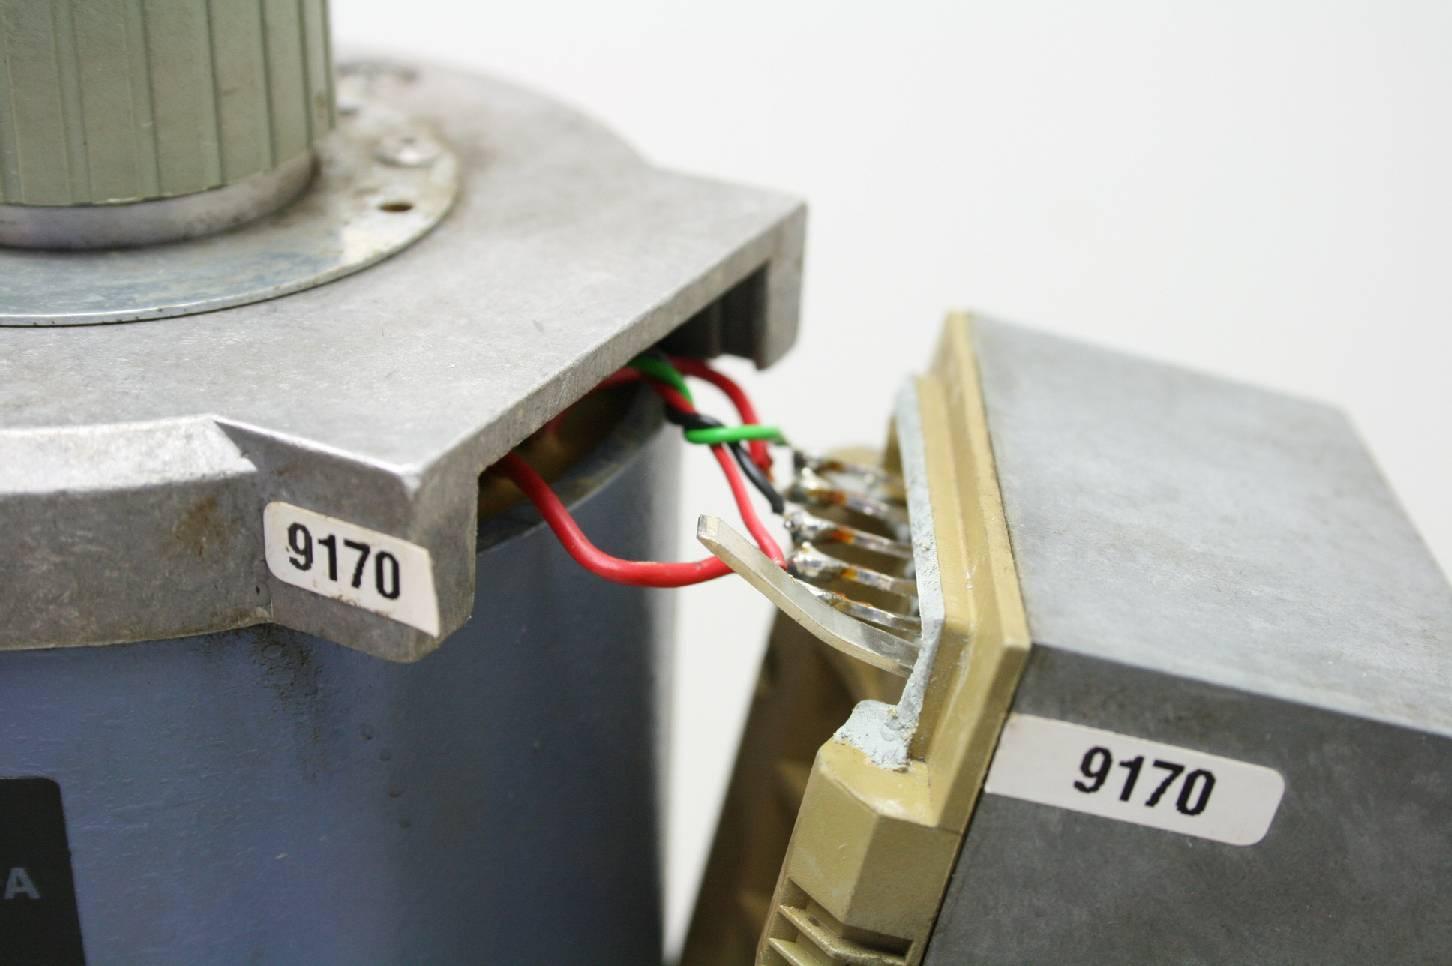 bqc10?resize\=665%2C442 metasys wiring diagram metasys training \u2022 45 63 74 91  at panicattacktreatment.co